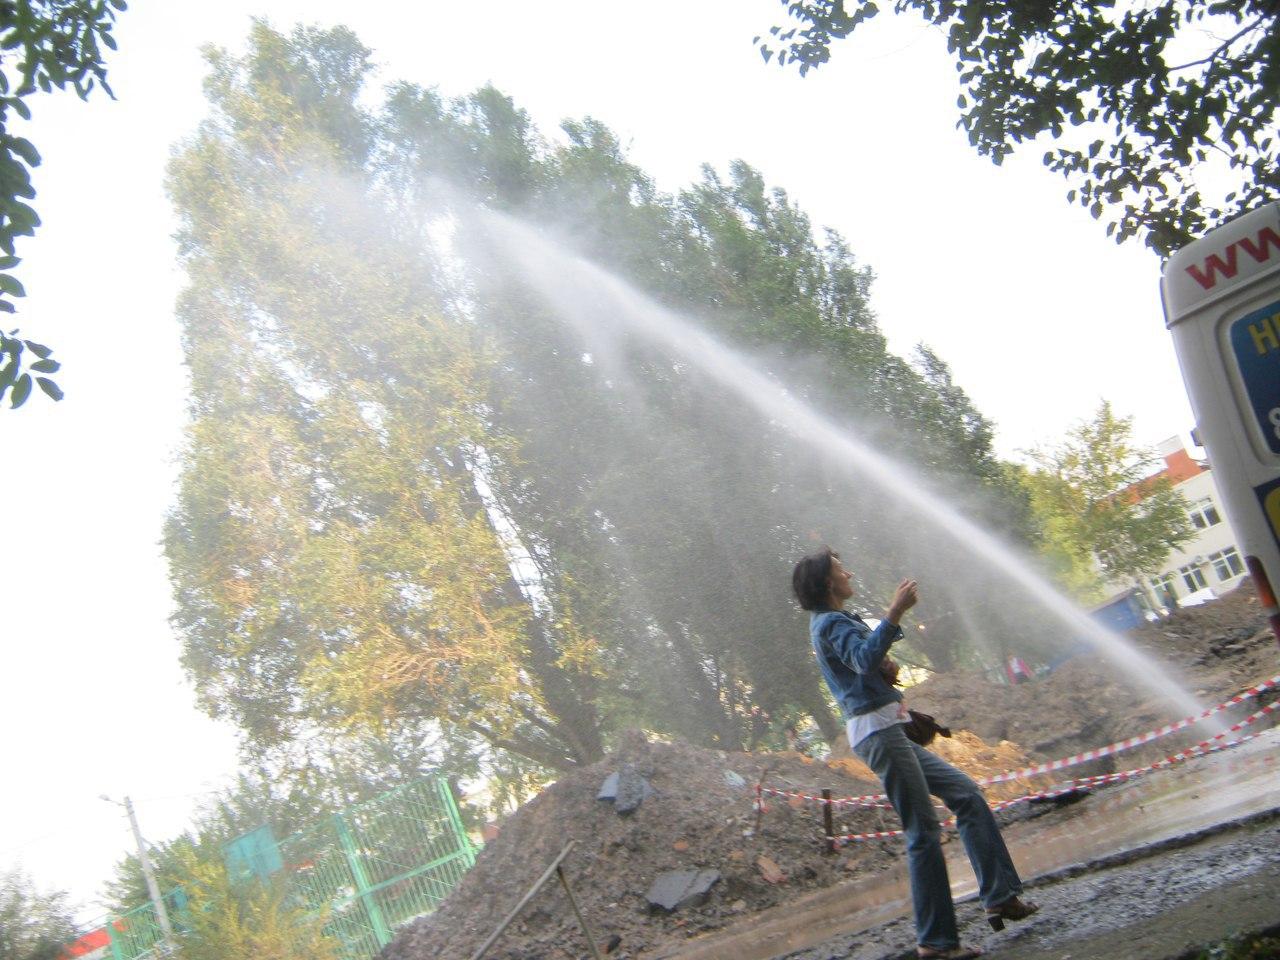 В Таганроге на улице Сергея Лазо забил пятиметровый коммунальный фонтан